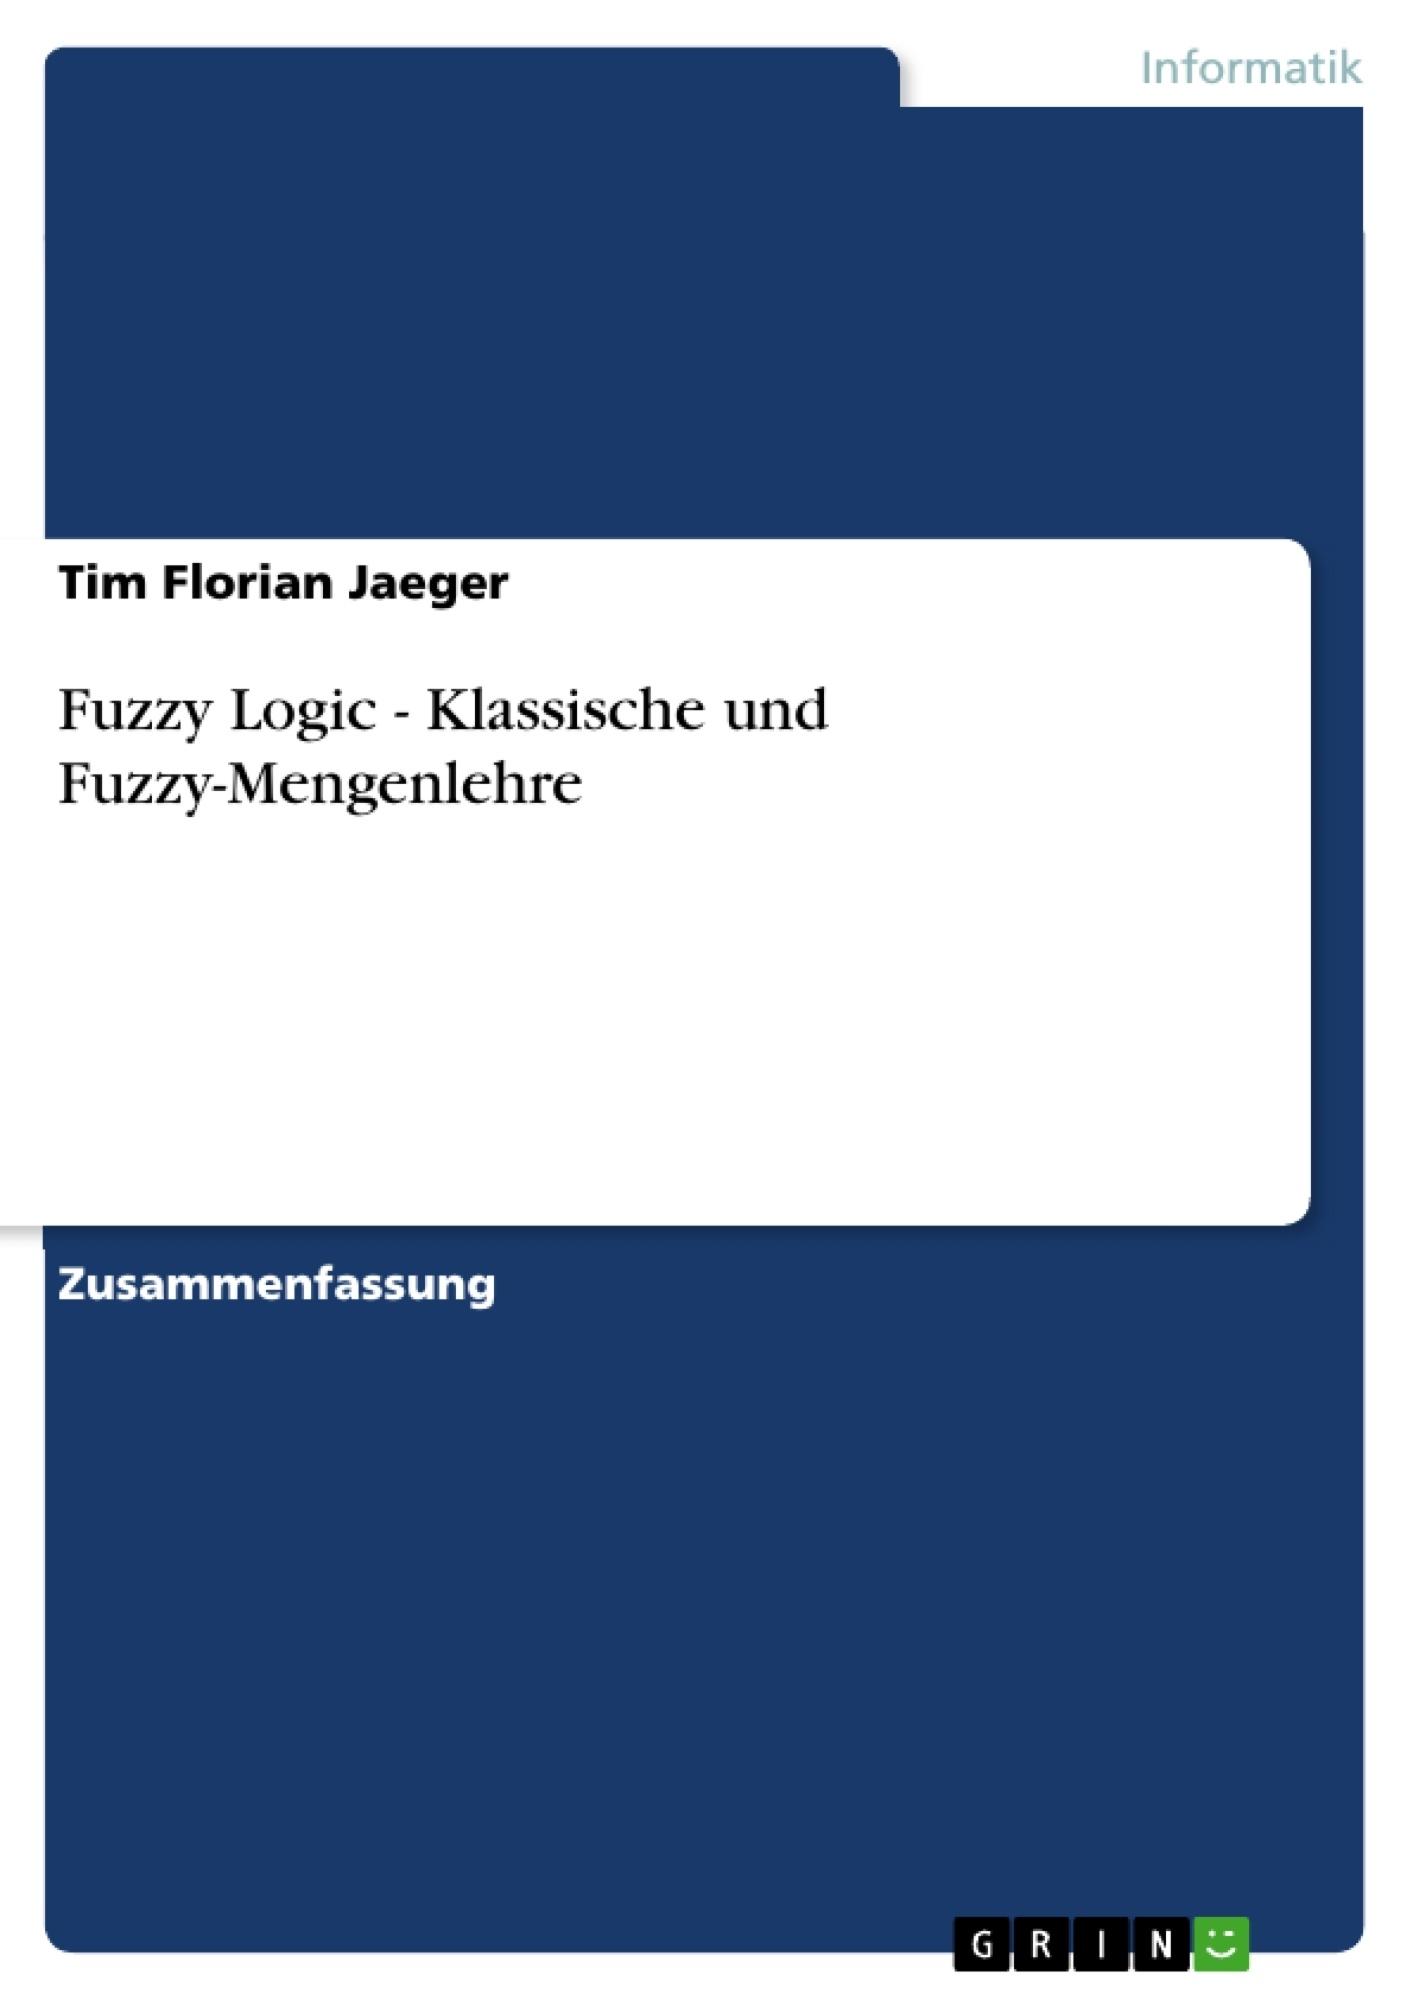 Titel: Fuzzy Logic - Klassische und Fuzzy-Mengenlehre